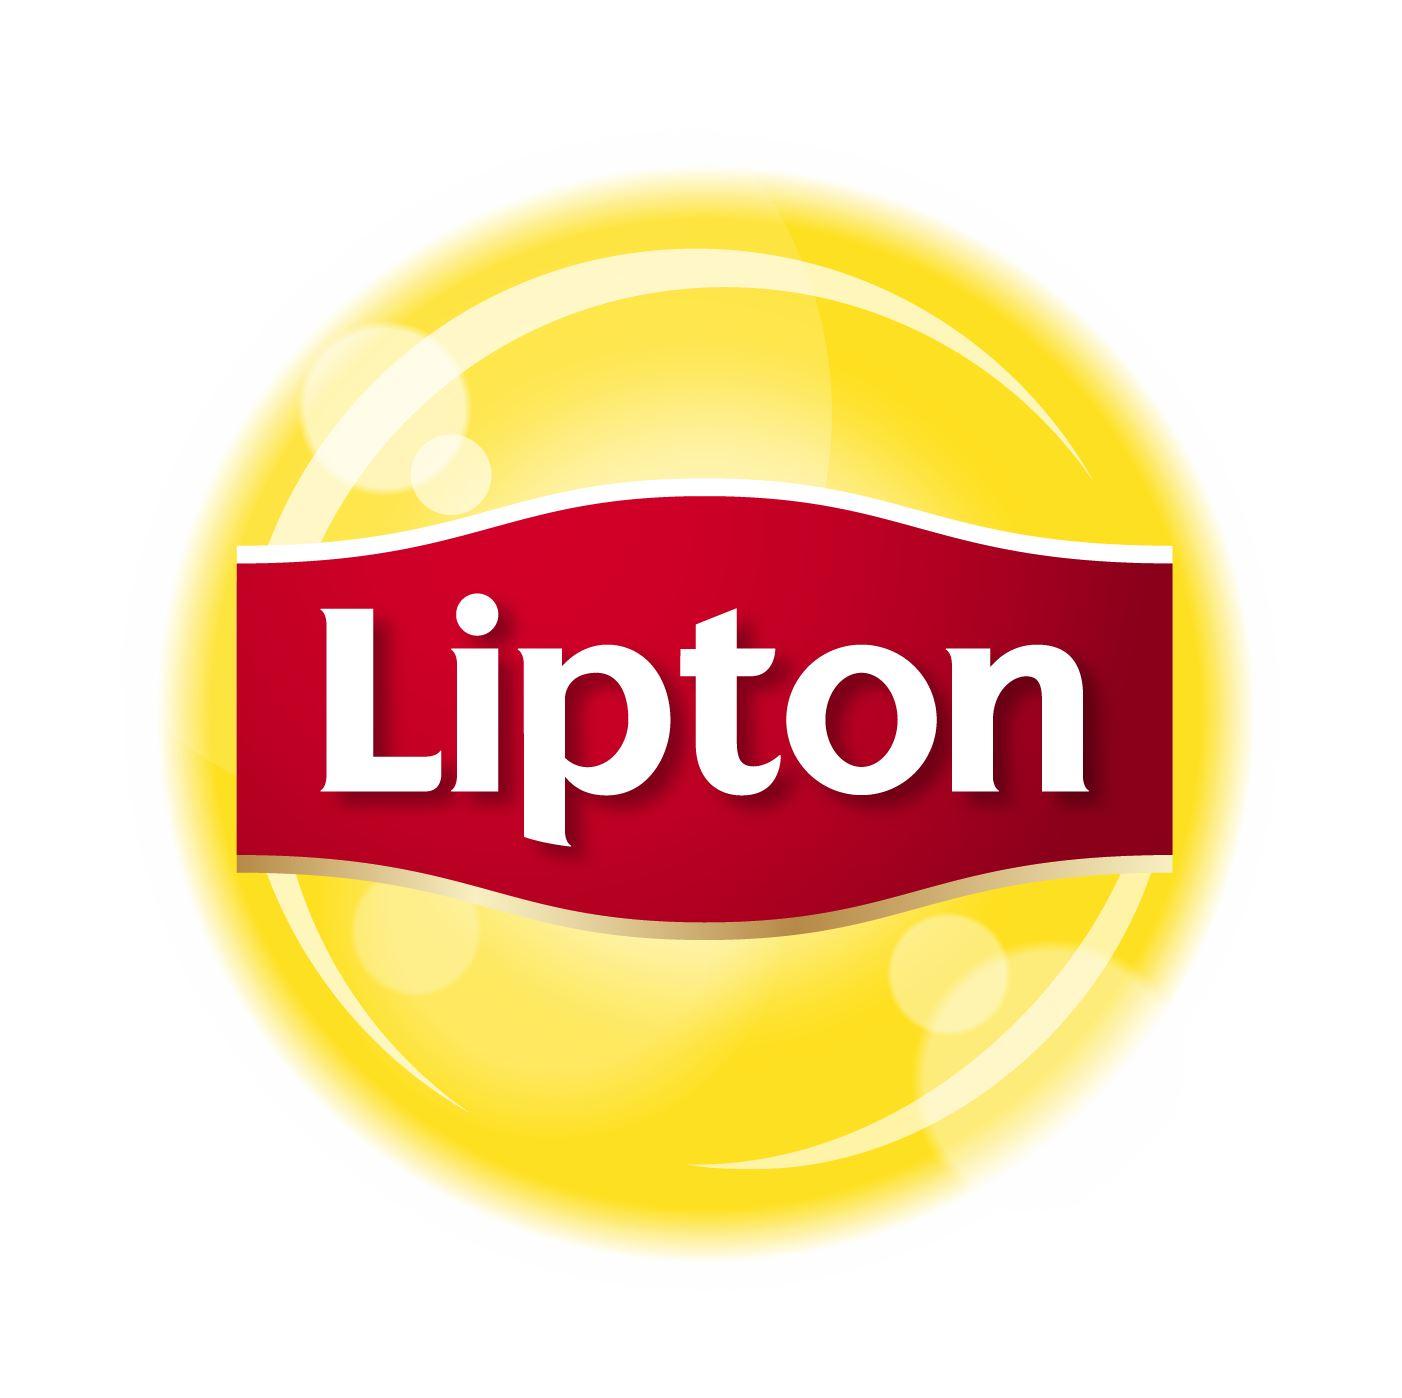 LIPTON_SCREEN_RGB_GLOBAL_Std